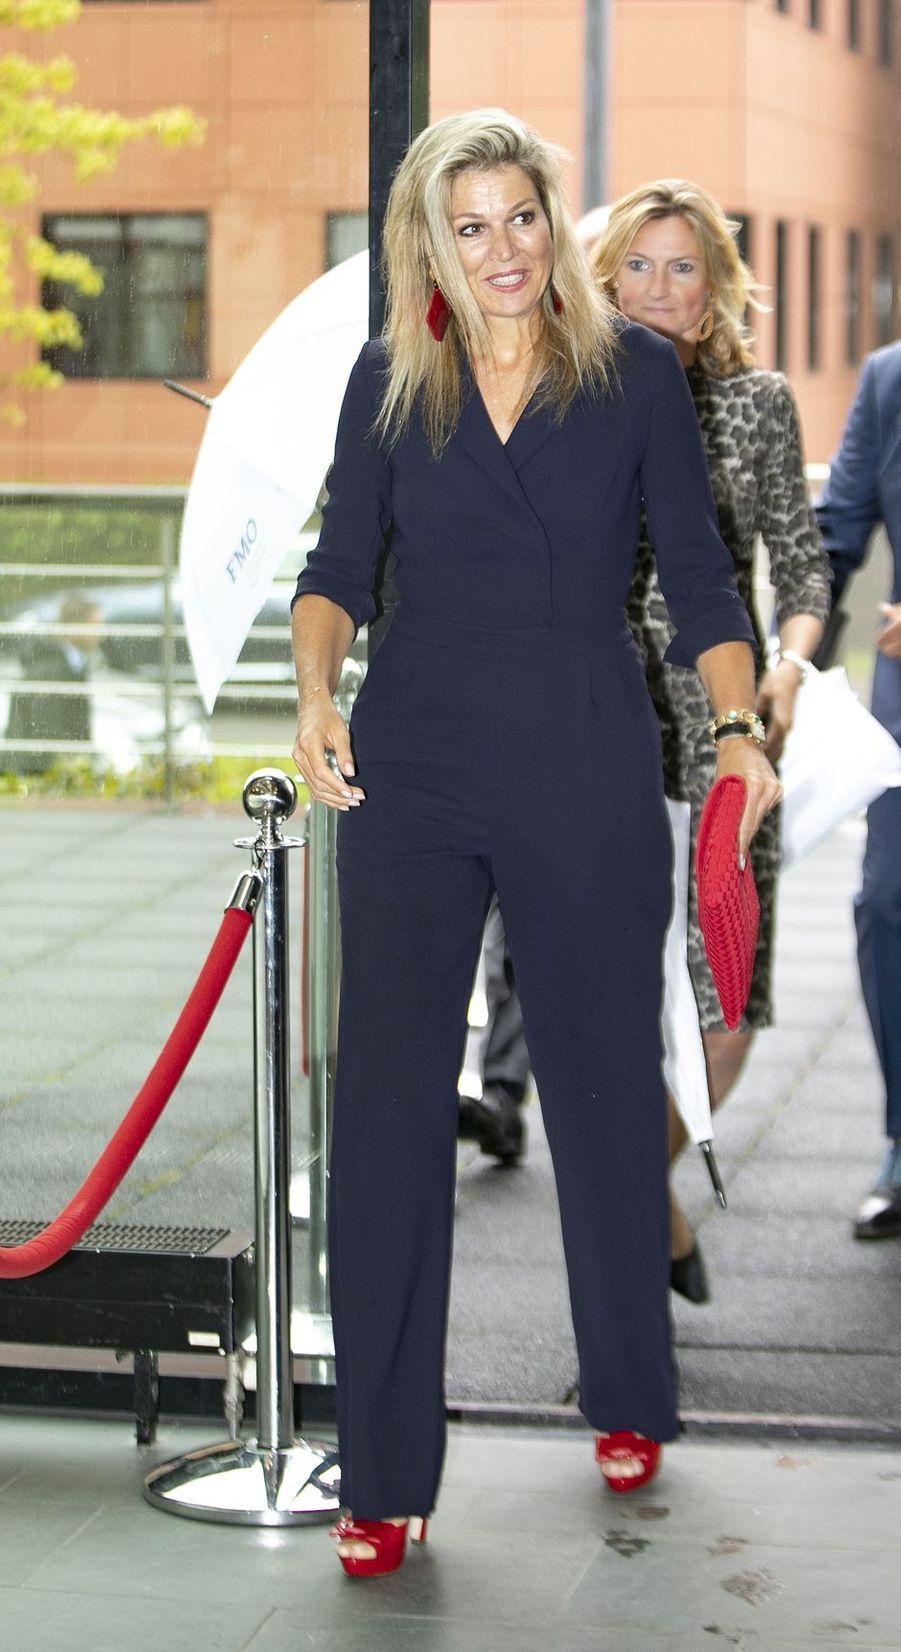 La reine Maxima des Pays-Bas, en Natan, à La Haye le 11 septembre 2019